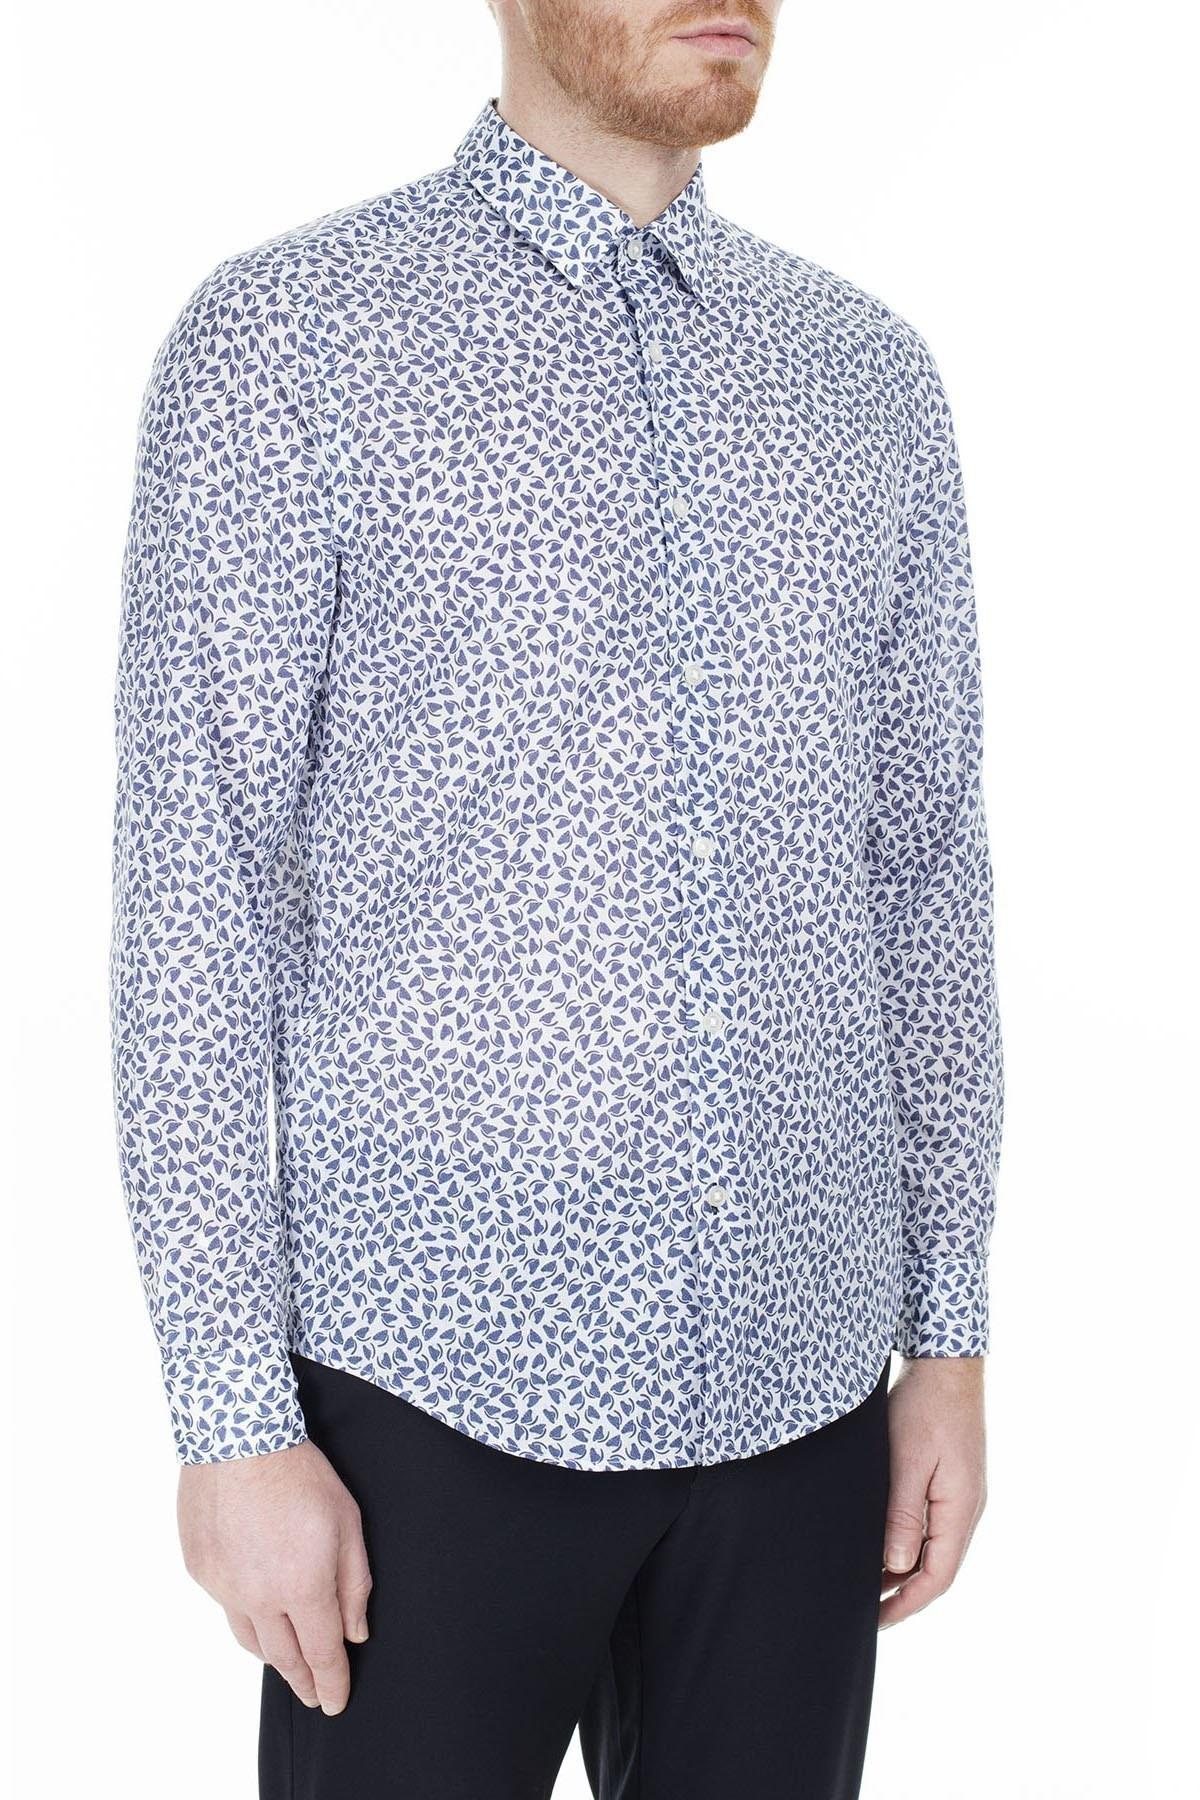 Hugo Boss Regular Fit Erkek Gömlek 50427556 402 LACİVERT